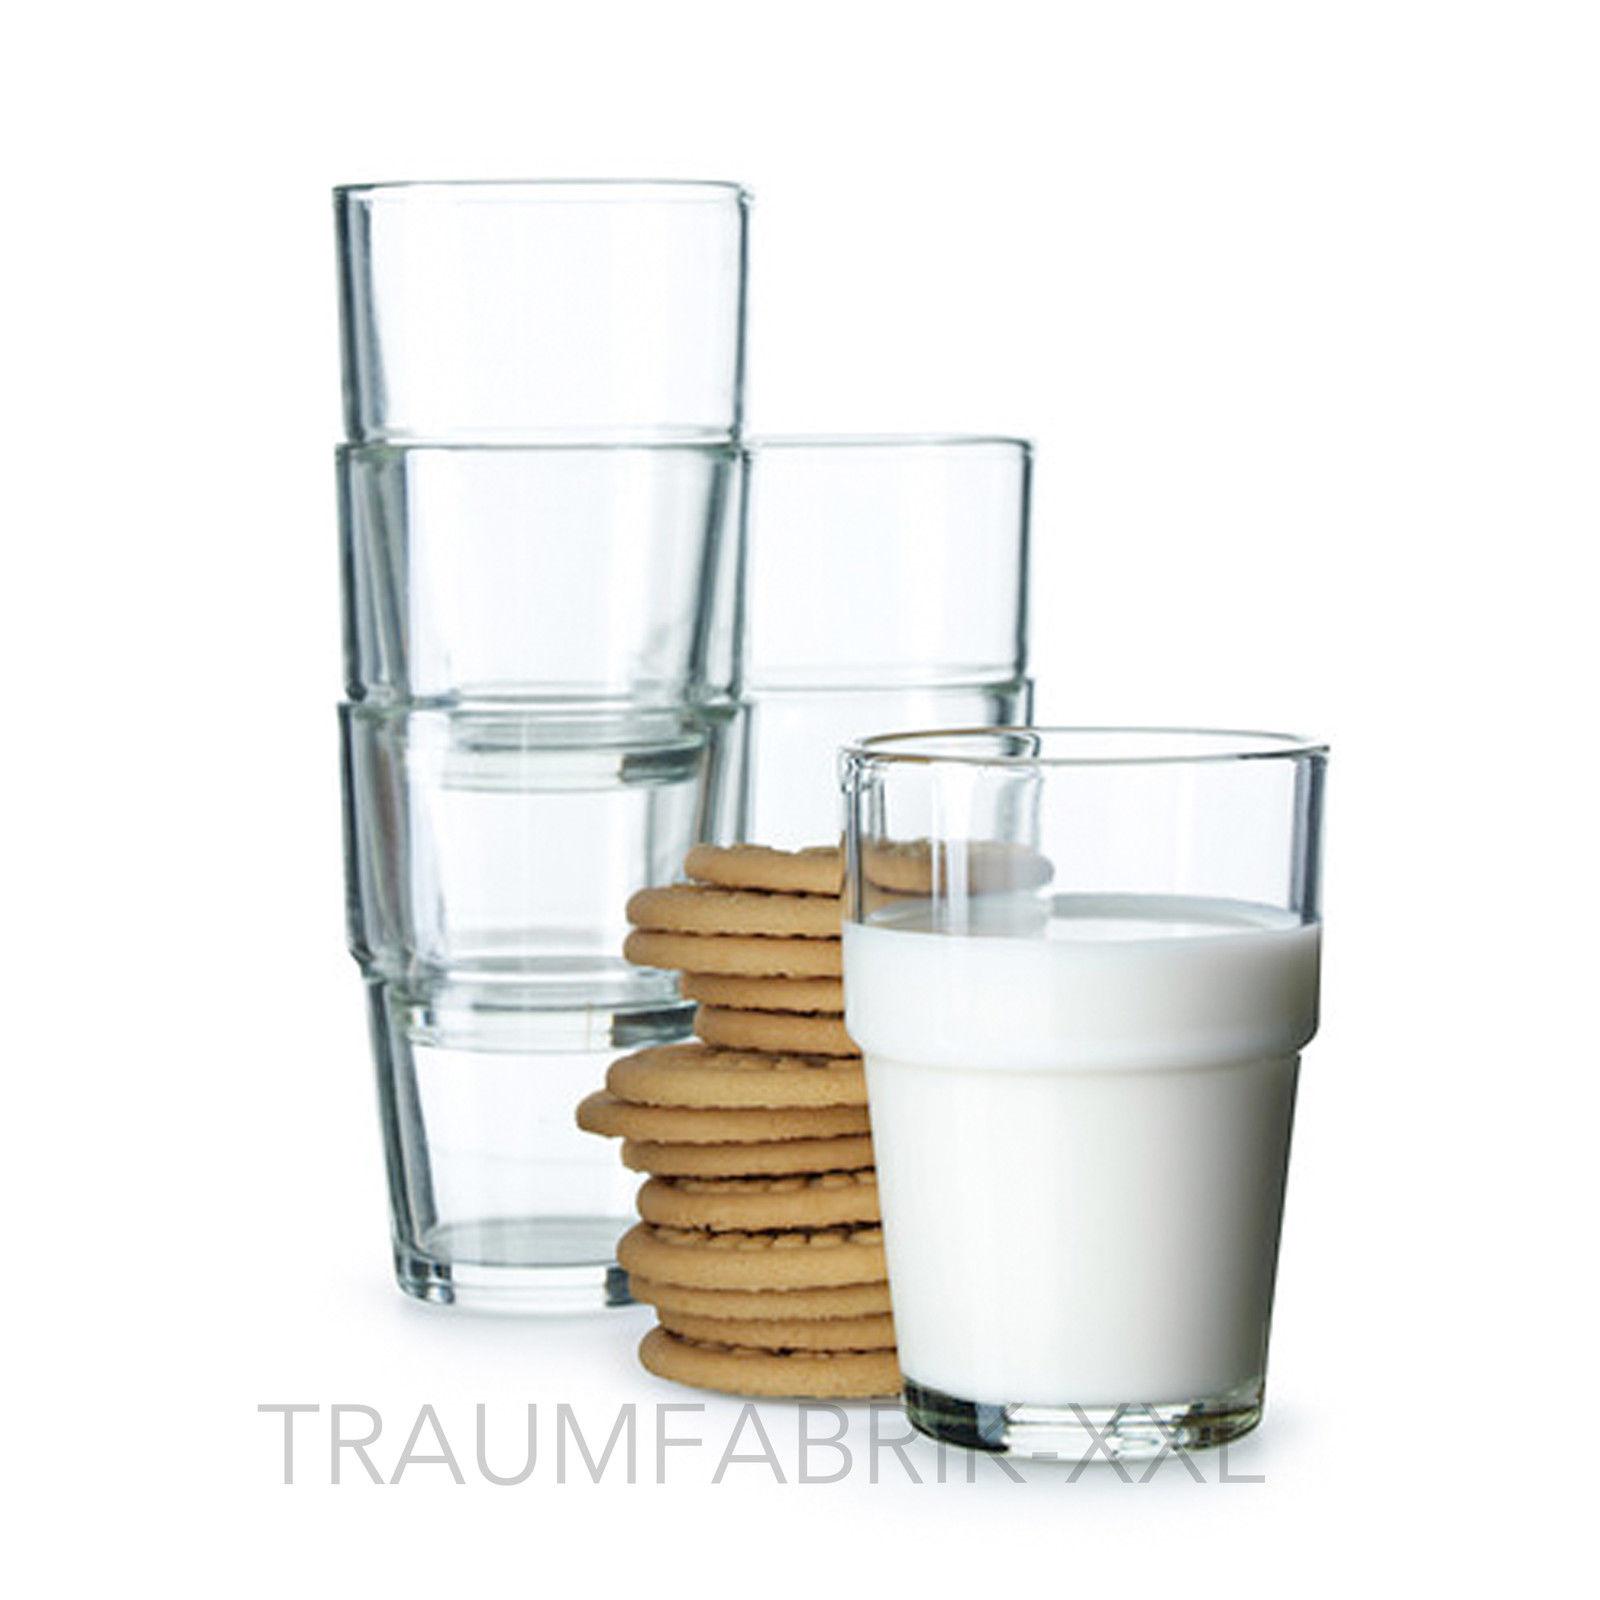 Ikea Gläser ikea 30 stück gläser wassergläser saftgläser glas wasserglas set